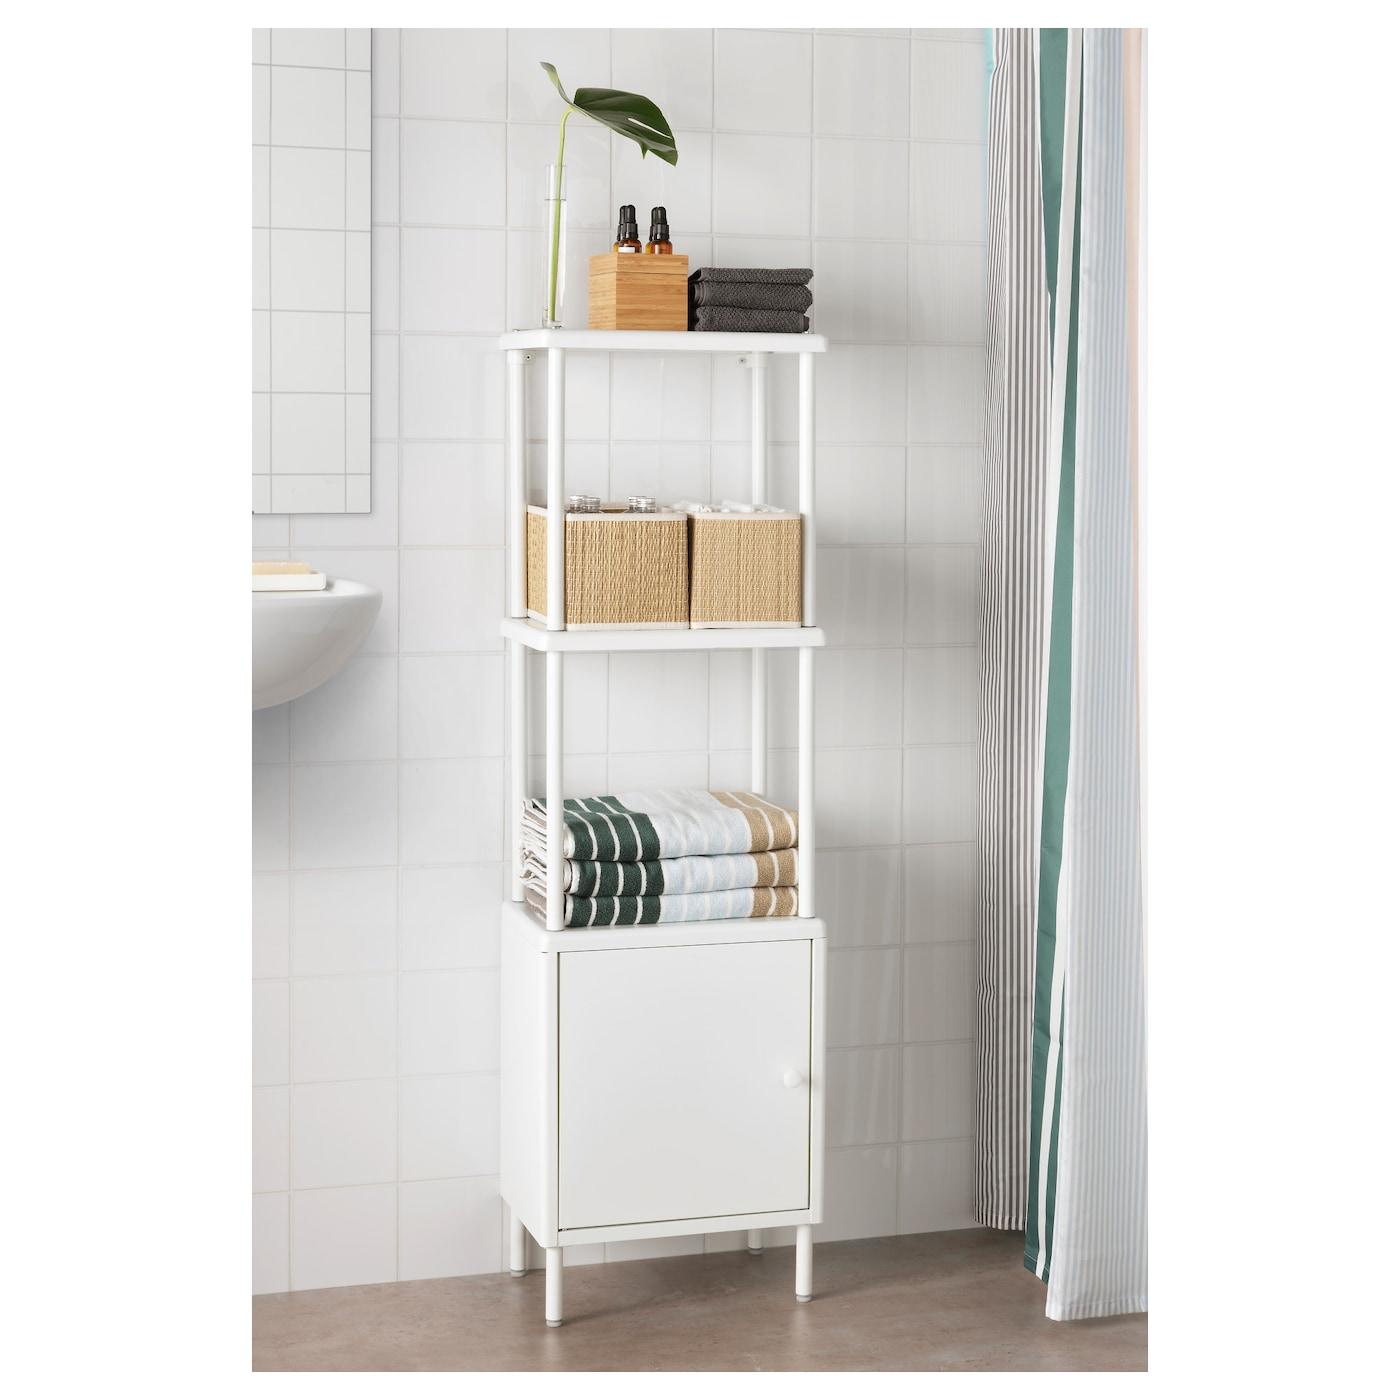 DYNAN Kast met deur Wit 40 x 27 x 54 cm - IKEA